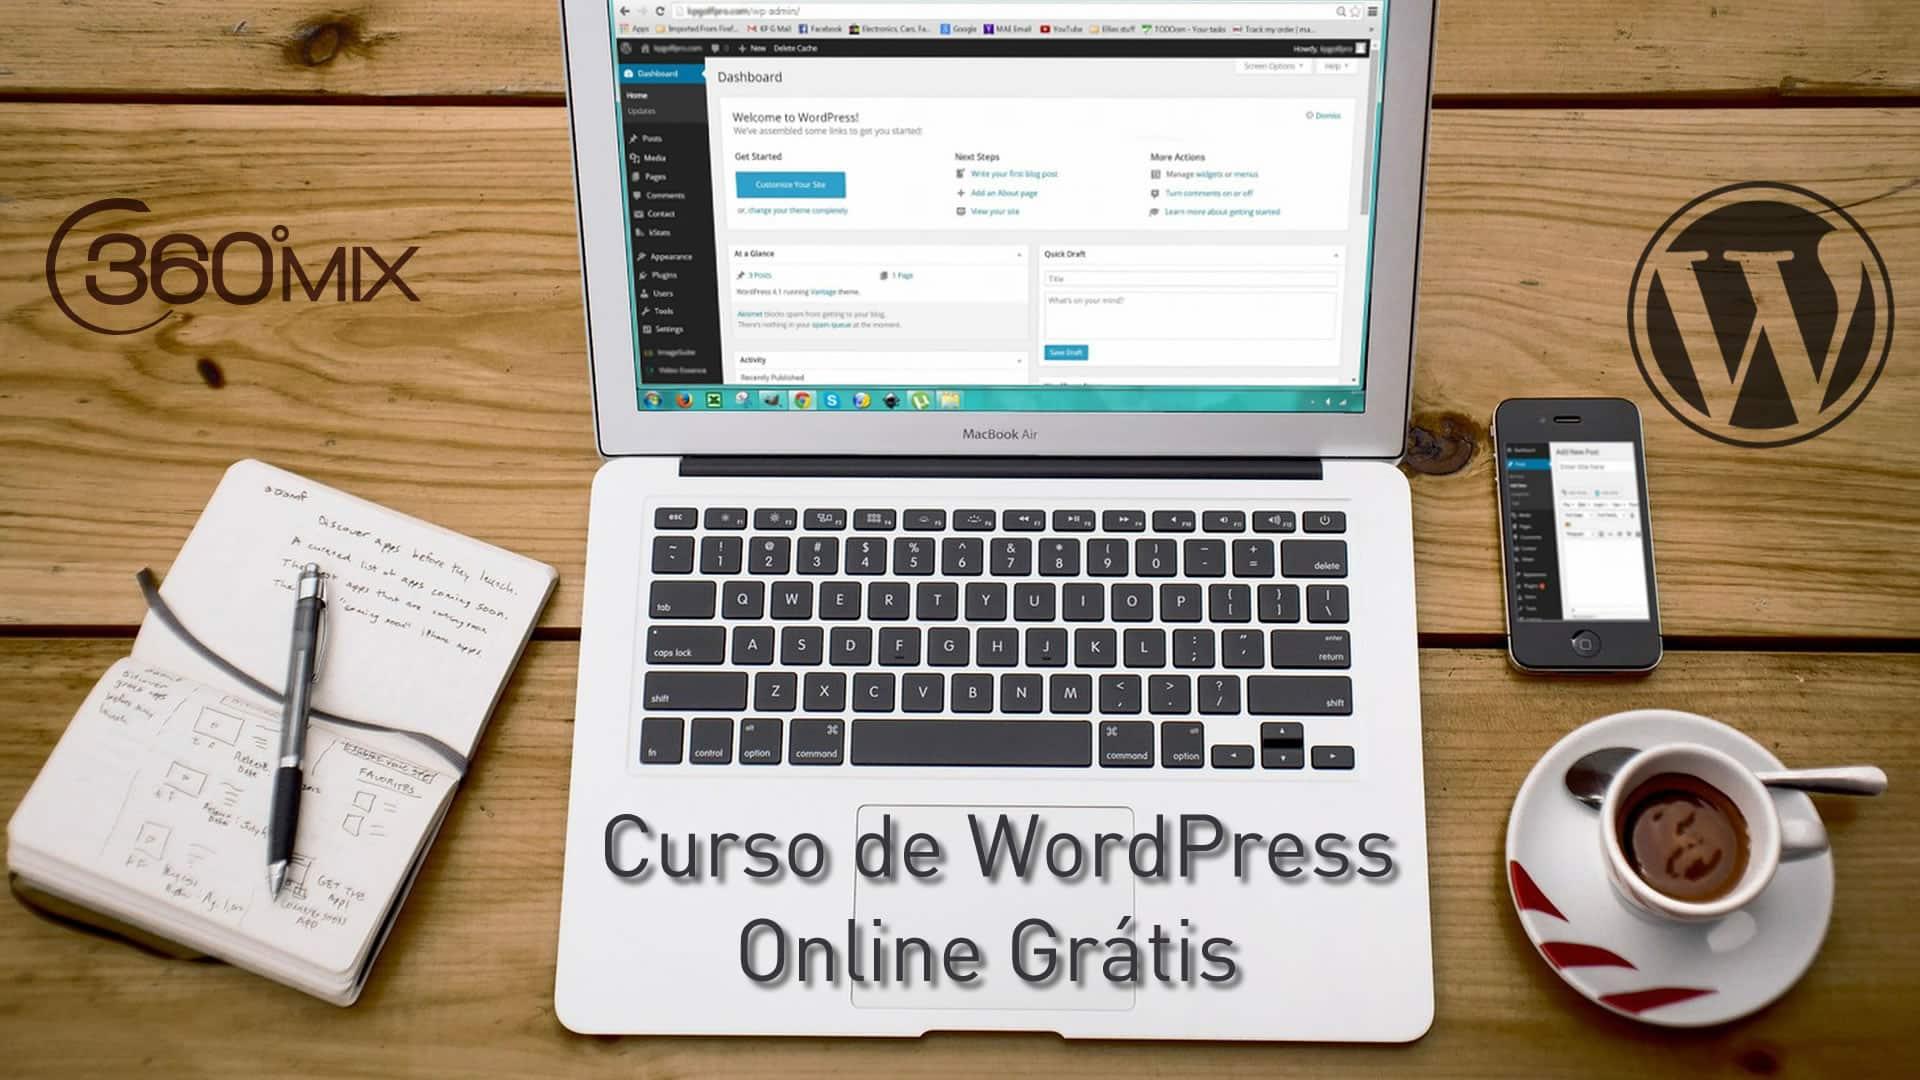 Curso de WordPress Online Grátis